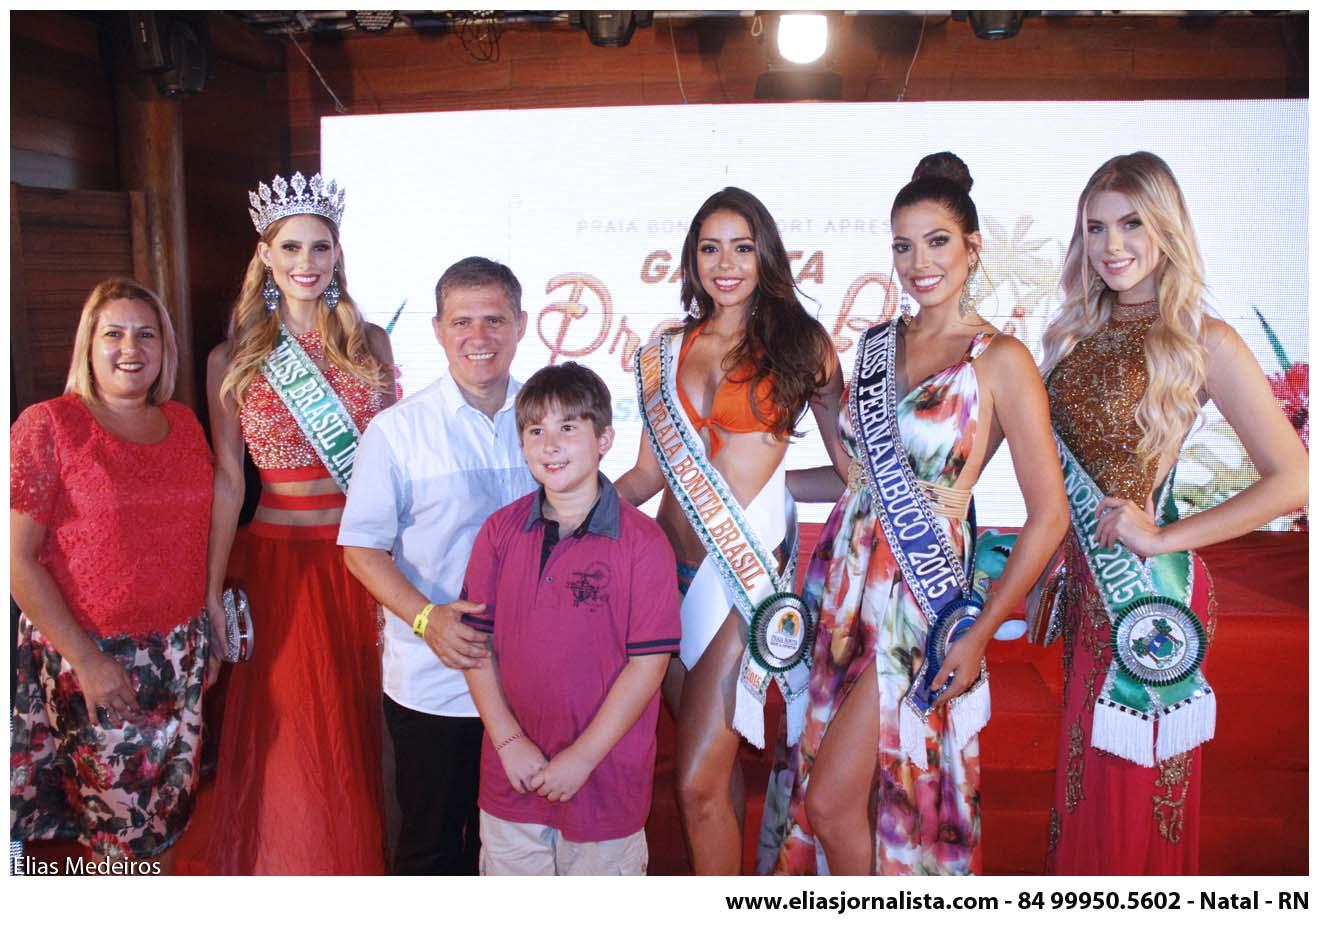 miss pernambuco universo 2015: sayonara veras. - Página 6 MG_0083